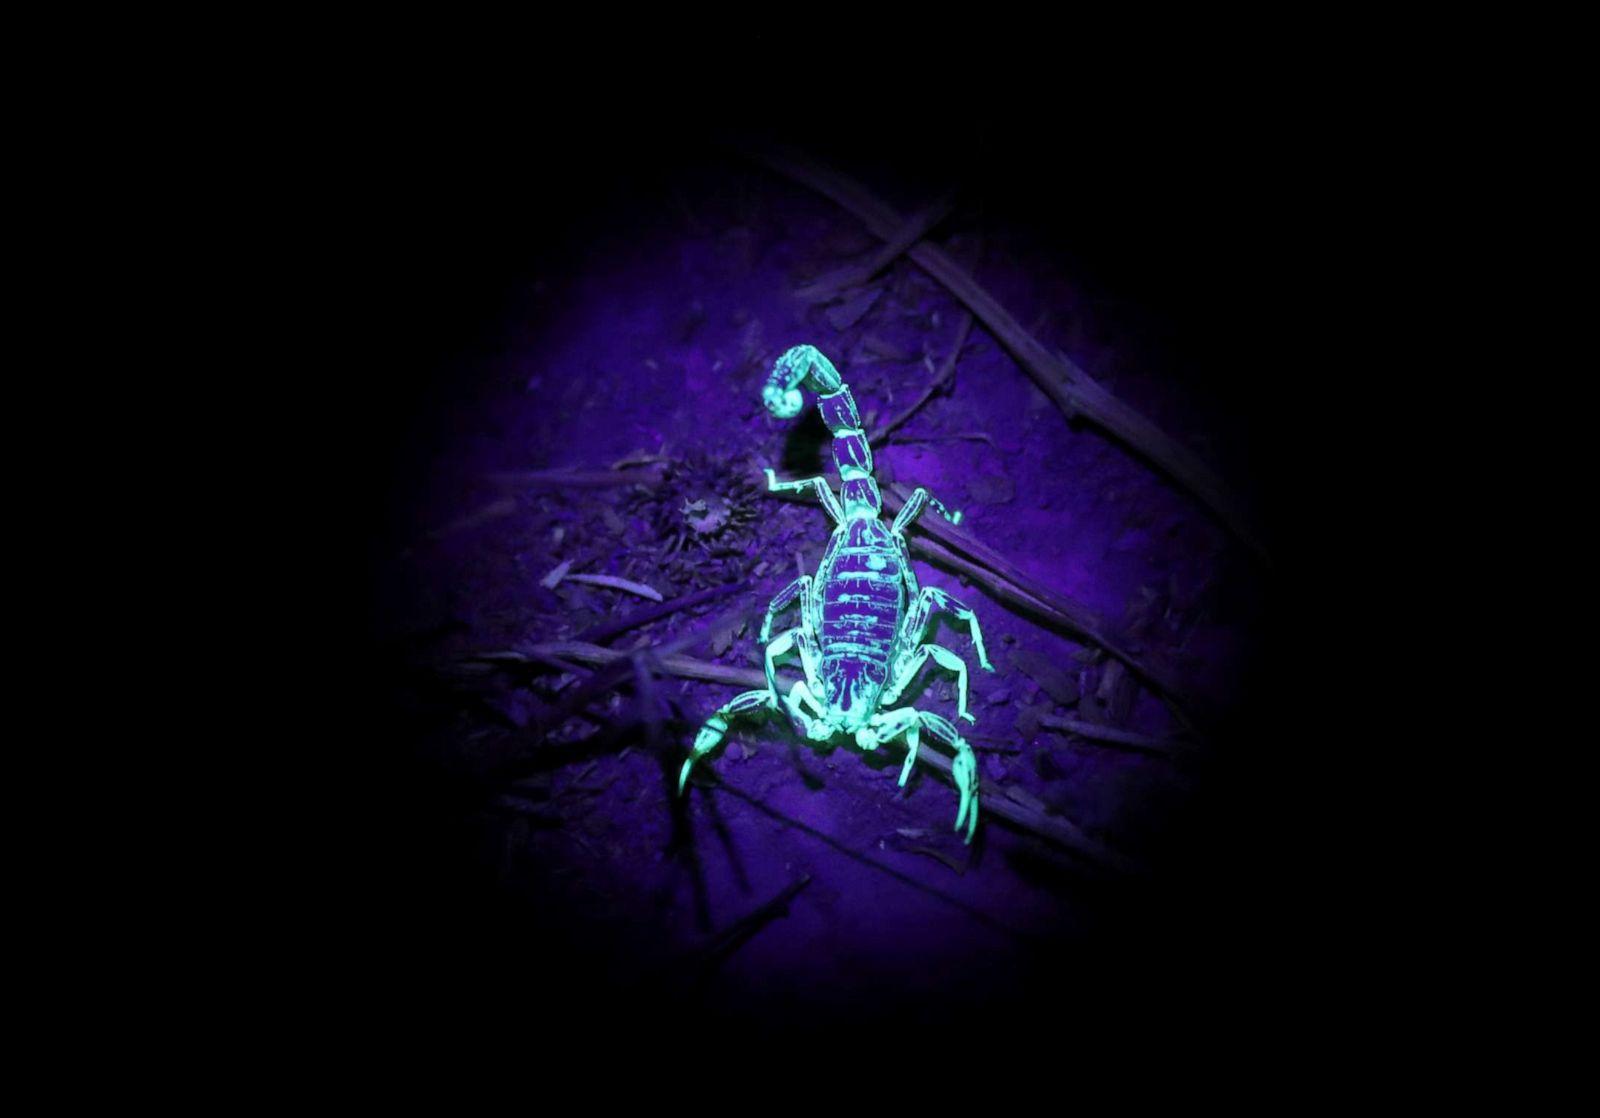 Venomous Deathstalker scorpion glows in ultraviolet light